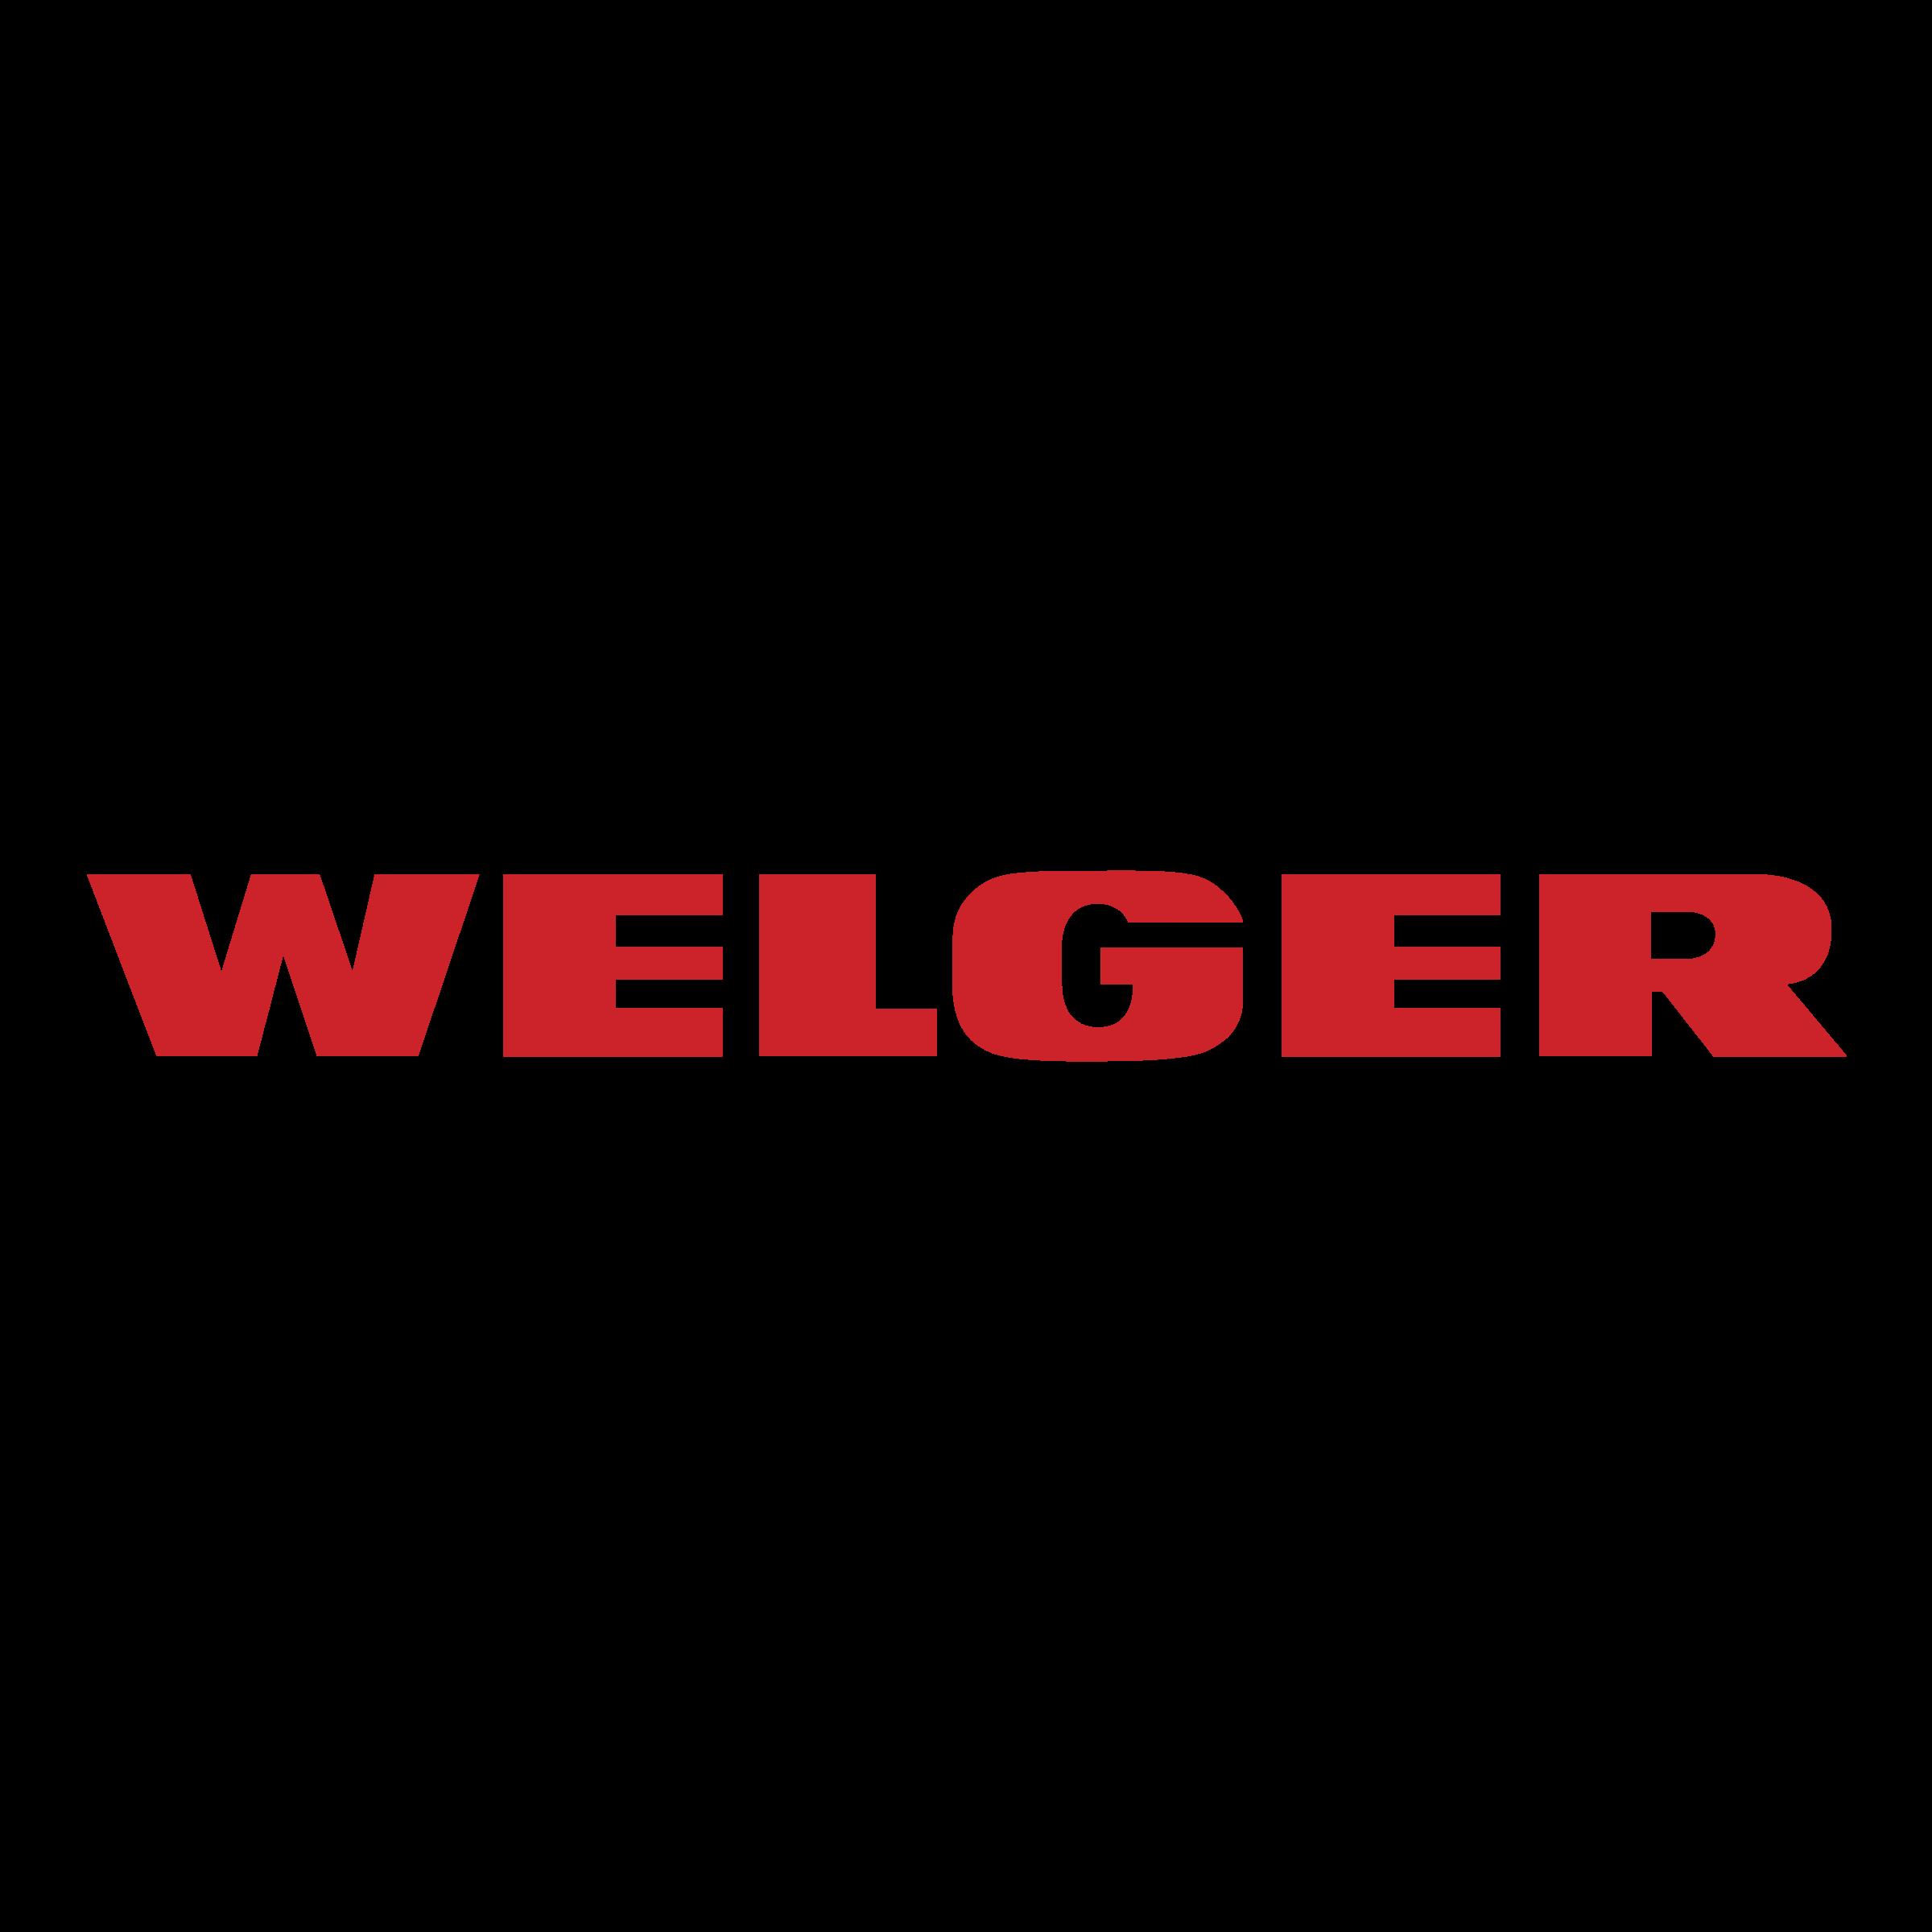 WELGER